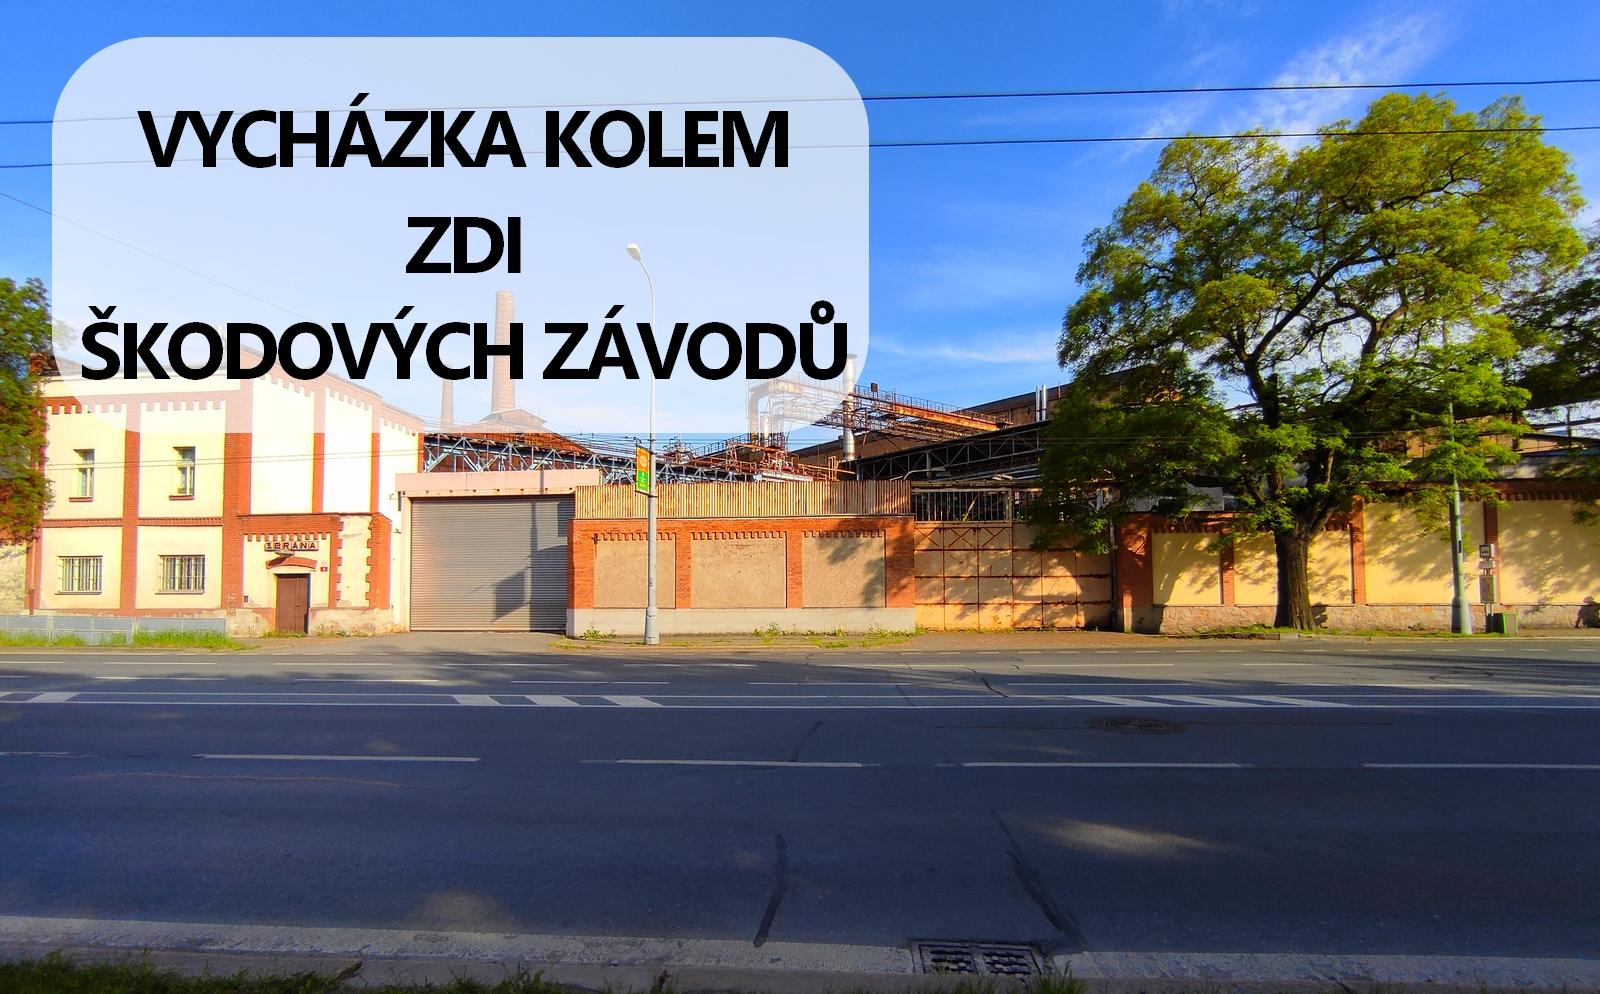 Vycházka kolem zdi Škodovky